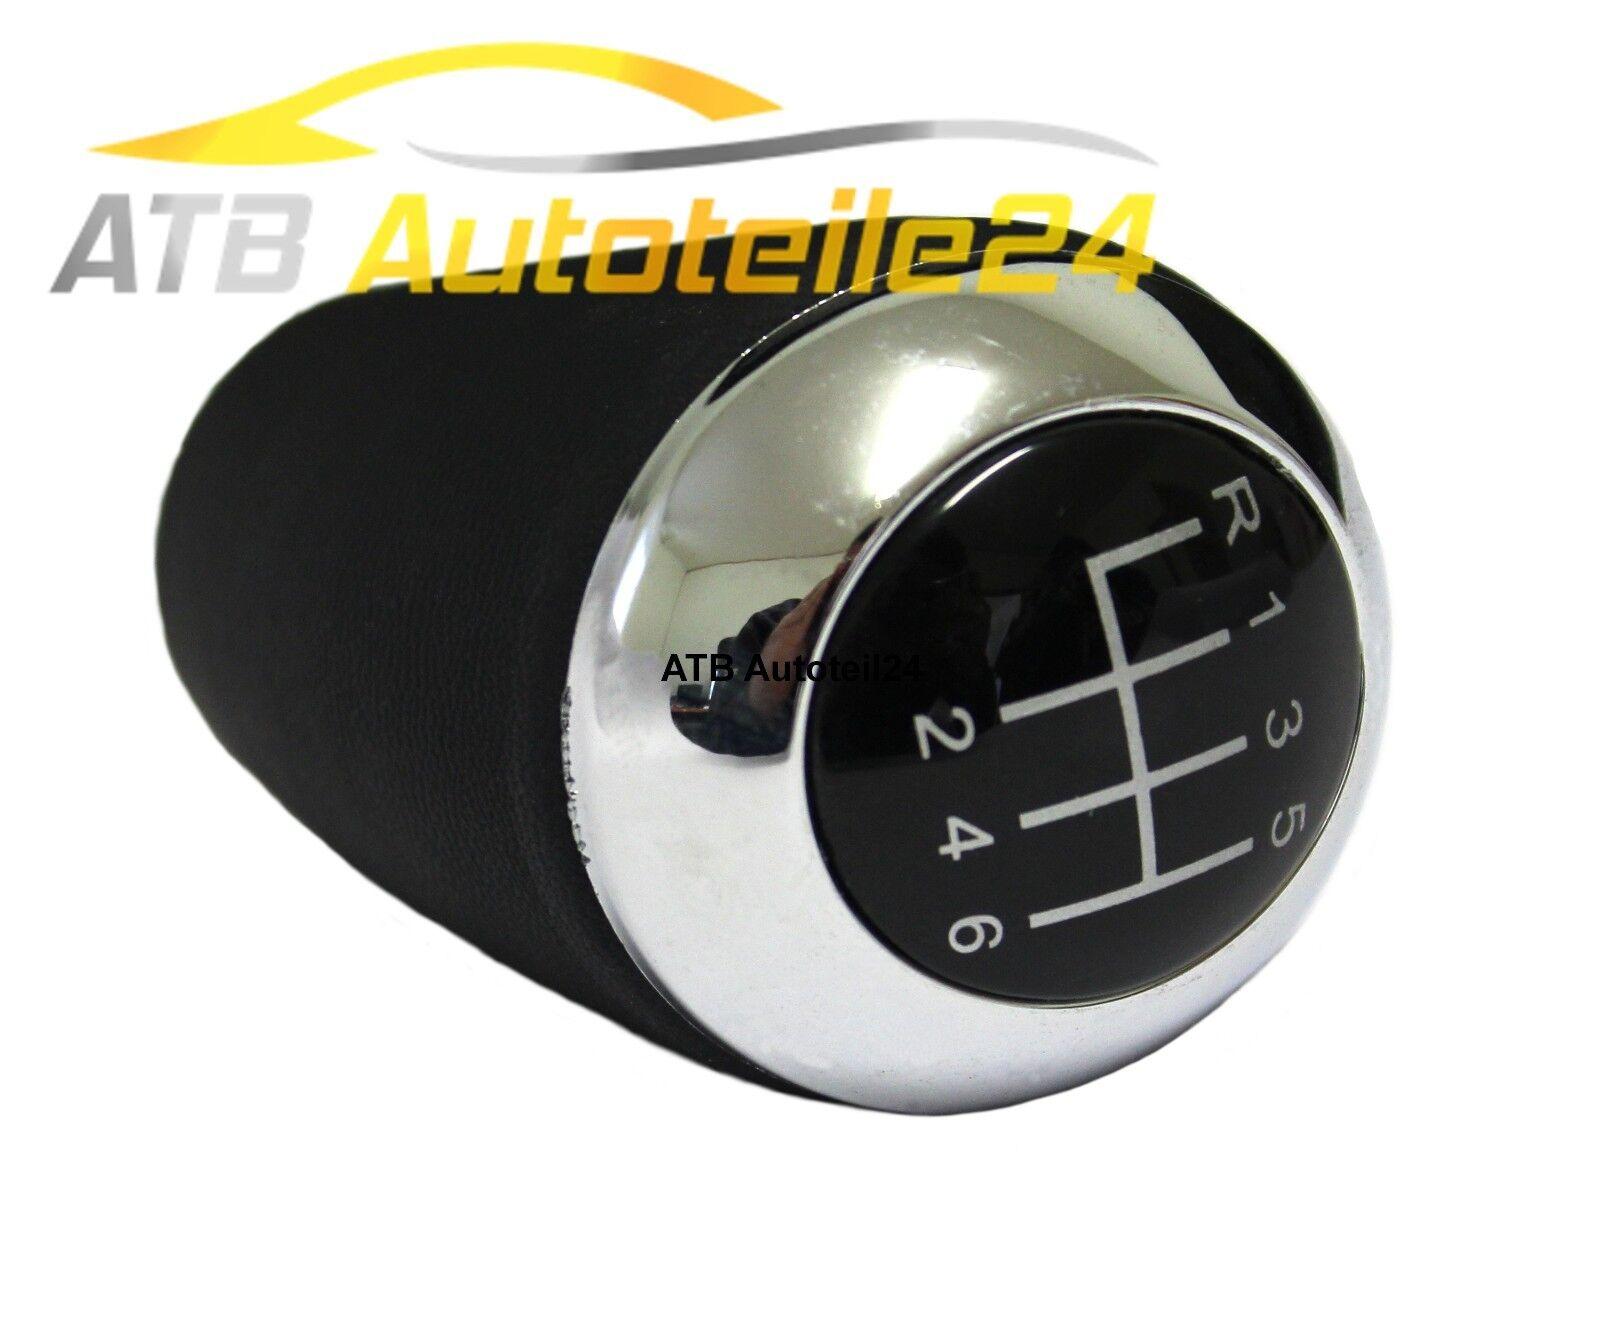 CX-7 K66 6 II MX-5III Schaltknauf Schalthebel 6 Gang passend für Mazda 3 5